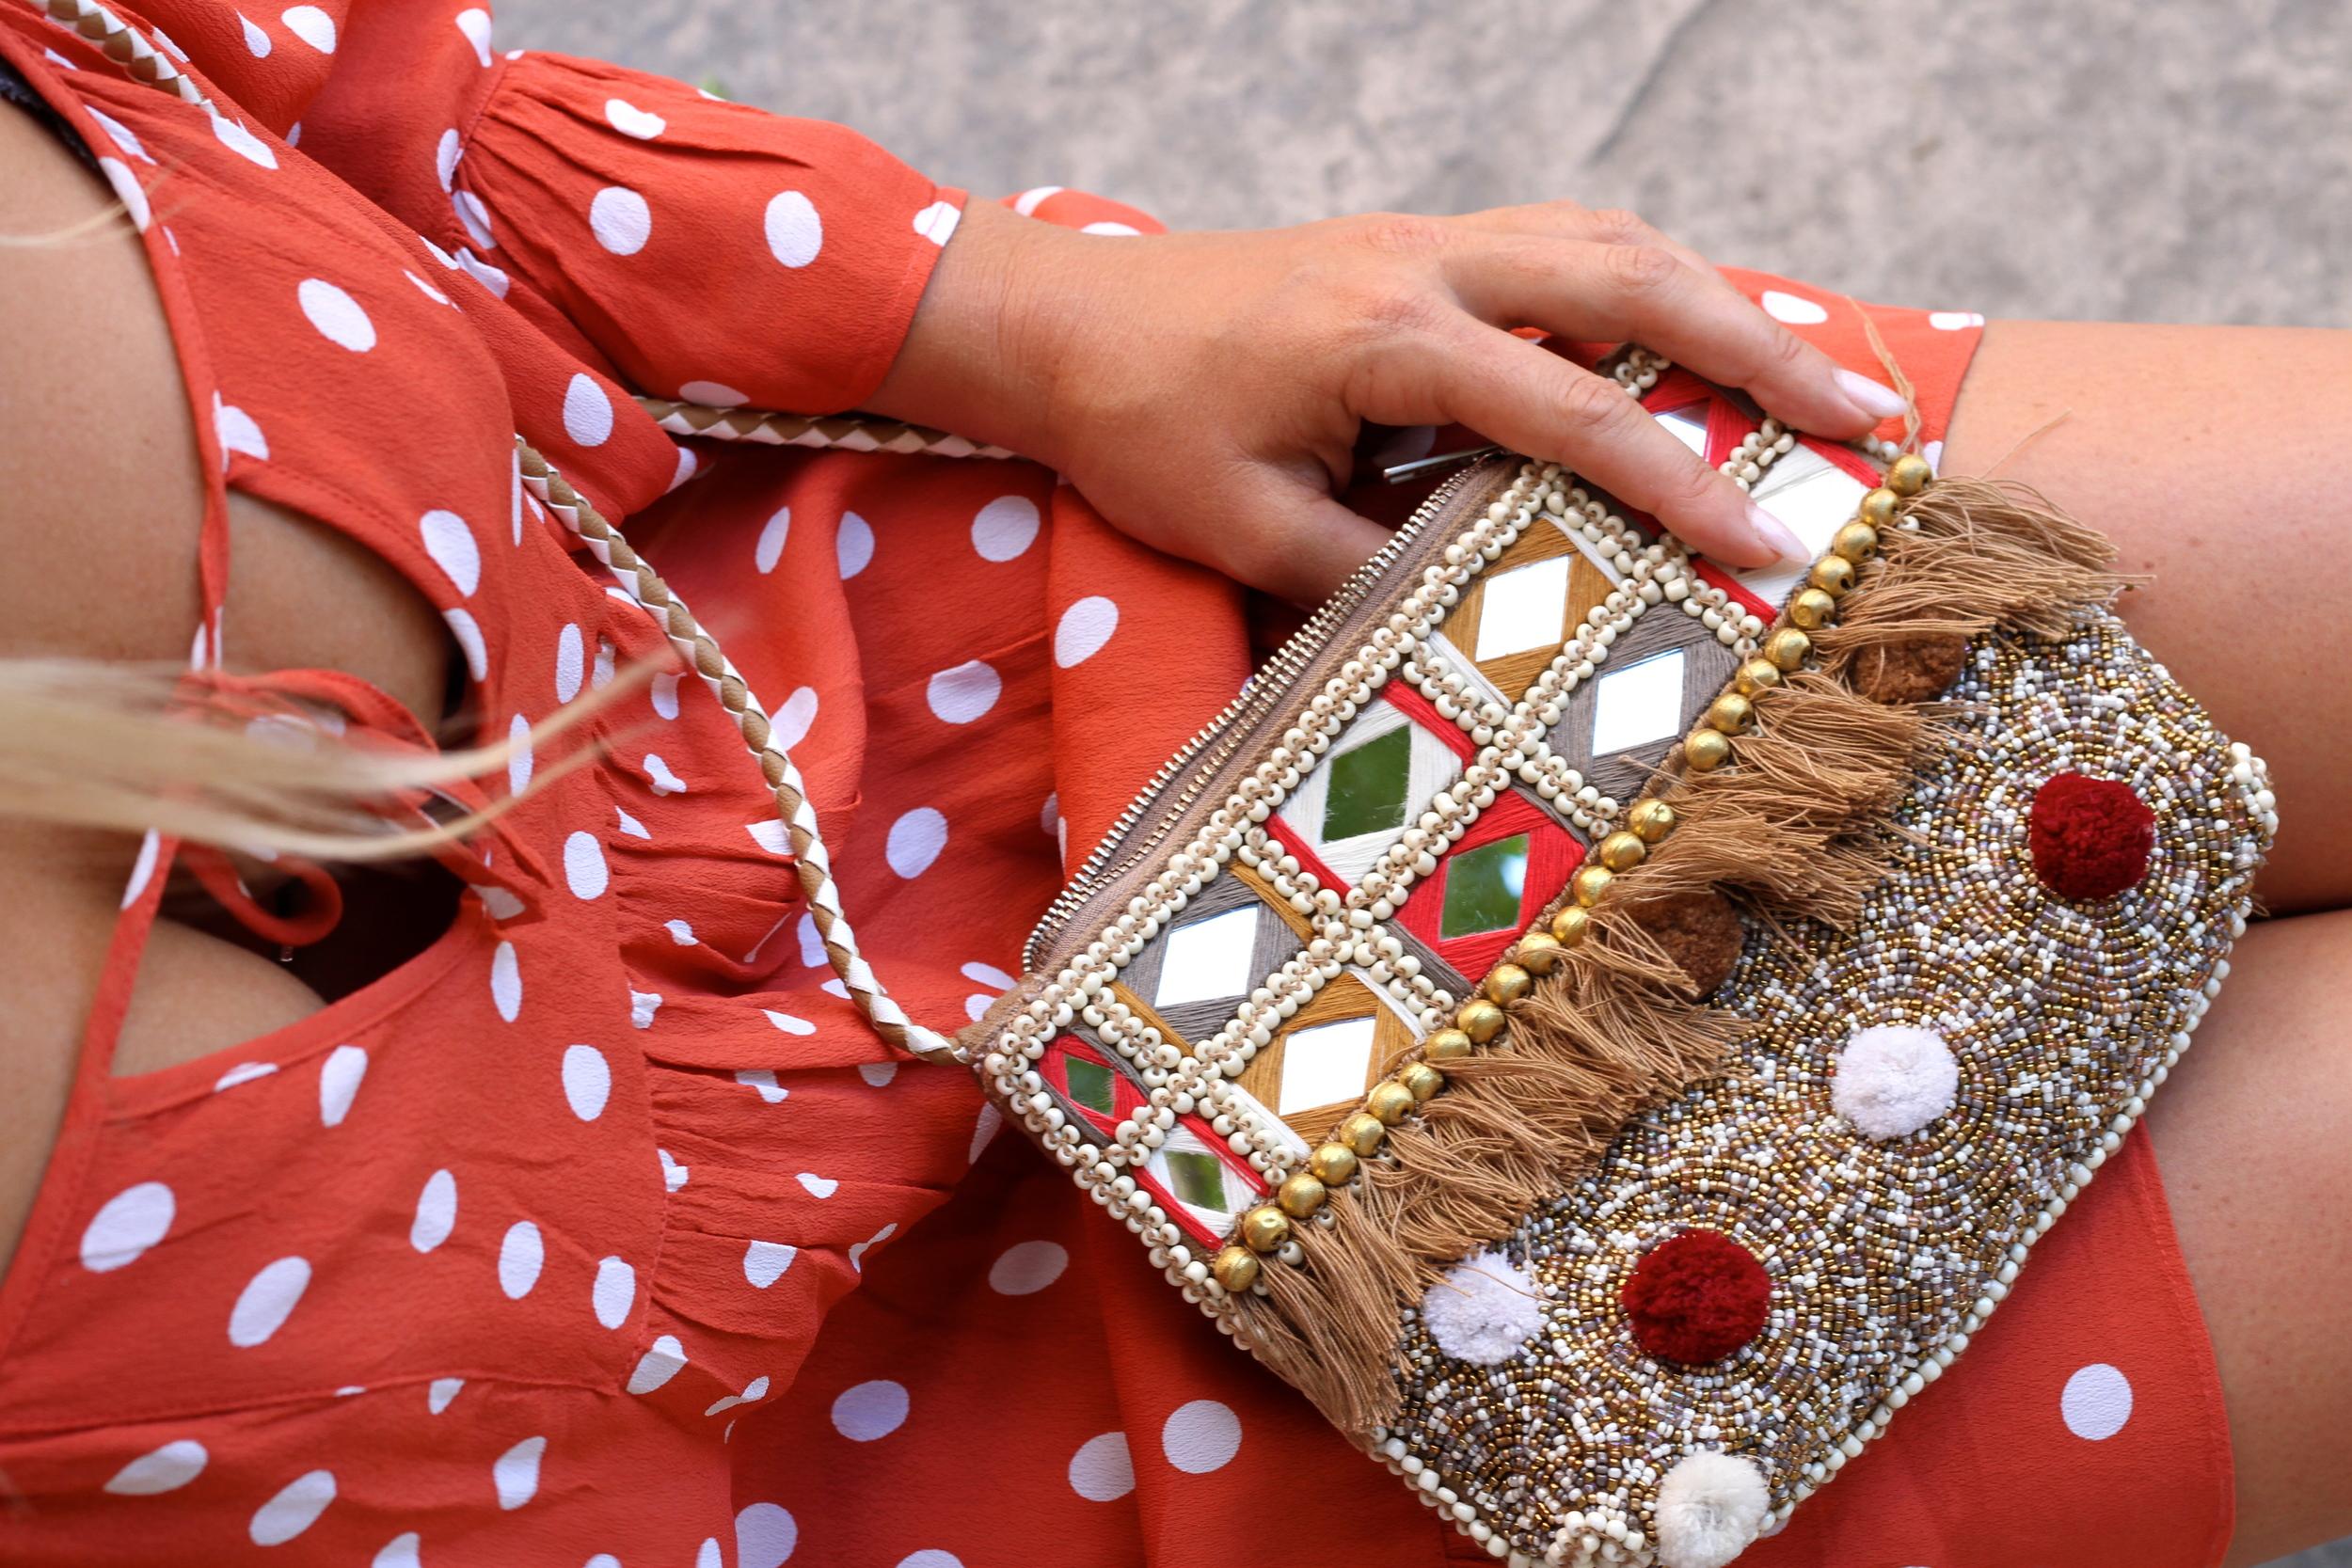 Tularosa Hattie Dress and the Shashi Riyaz Clutch.